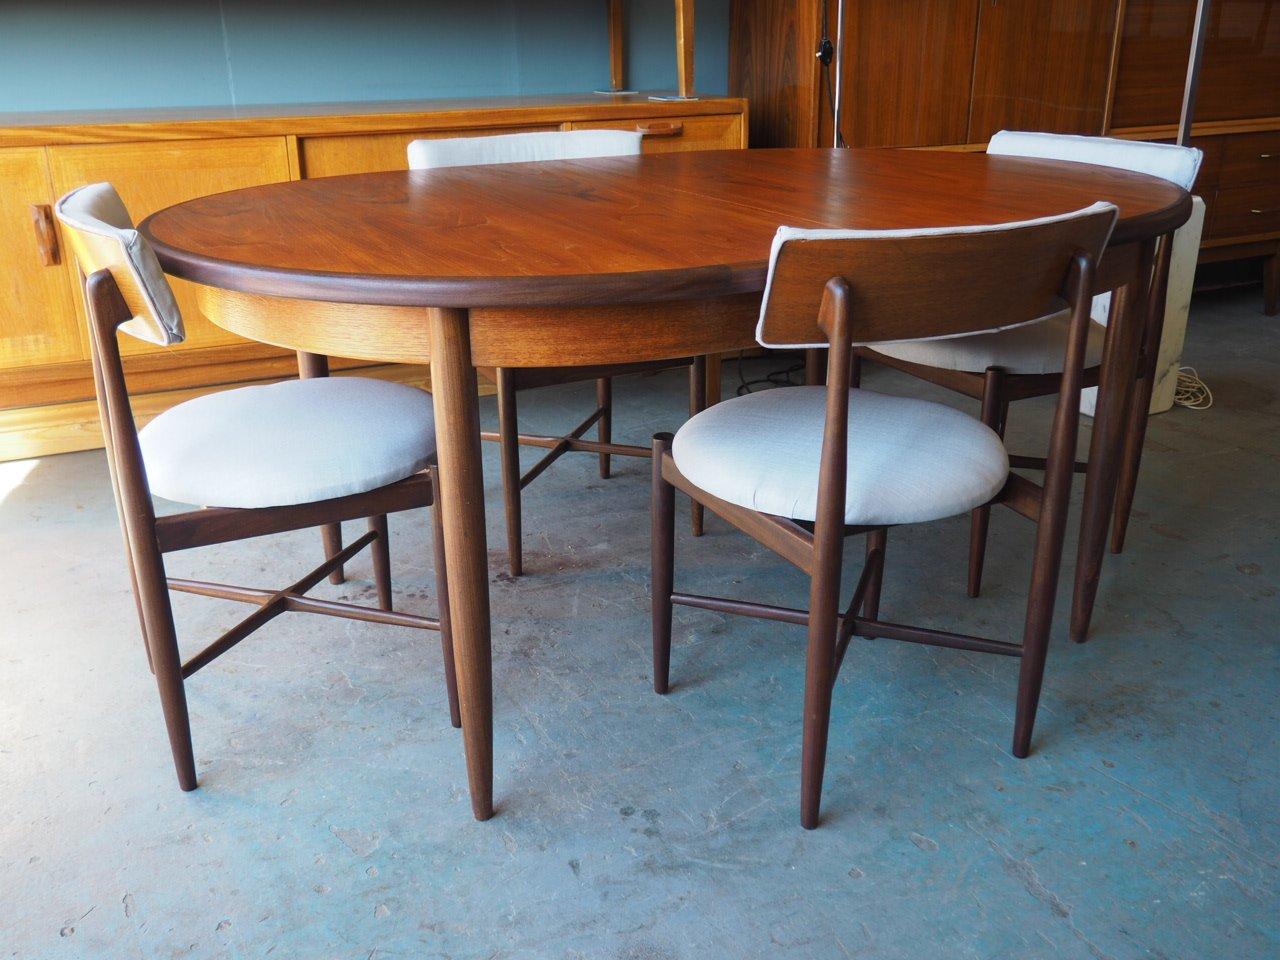 Vintage Esstisch & 4 Stühle aus Fresco Serie von G-Plan